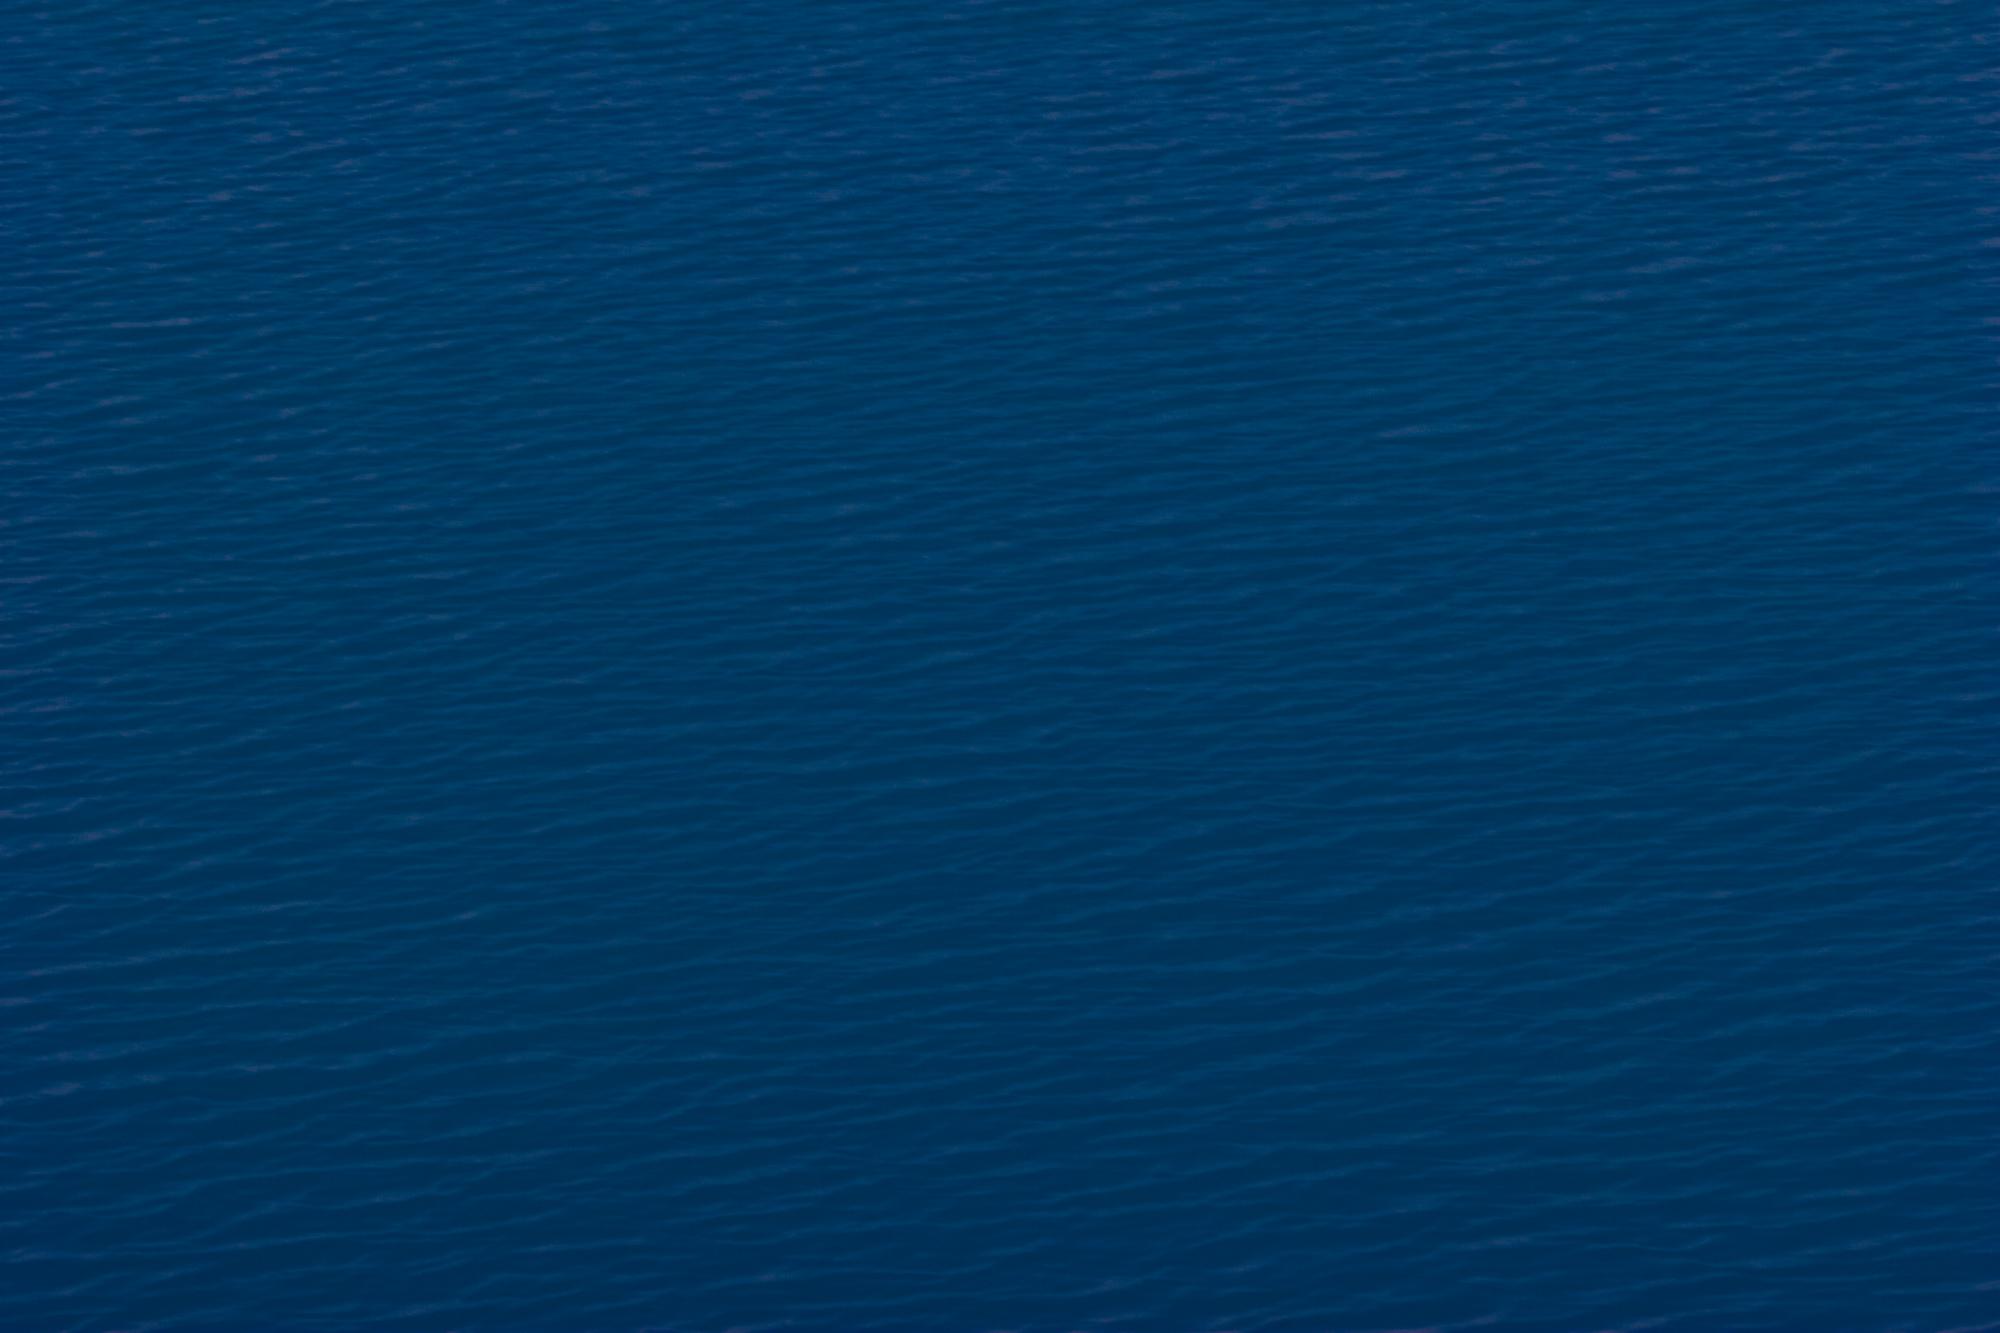 Deep blue water texture, Blue, Deep, Lake, Liquid, HQ Photo